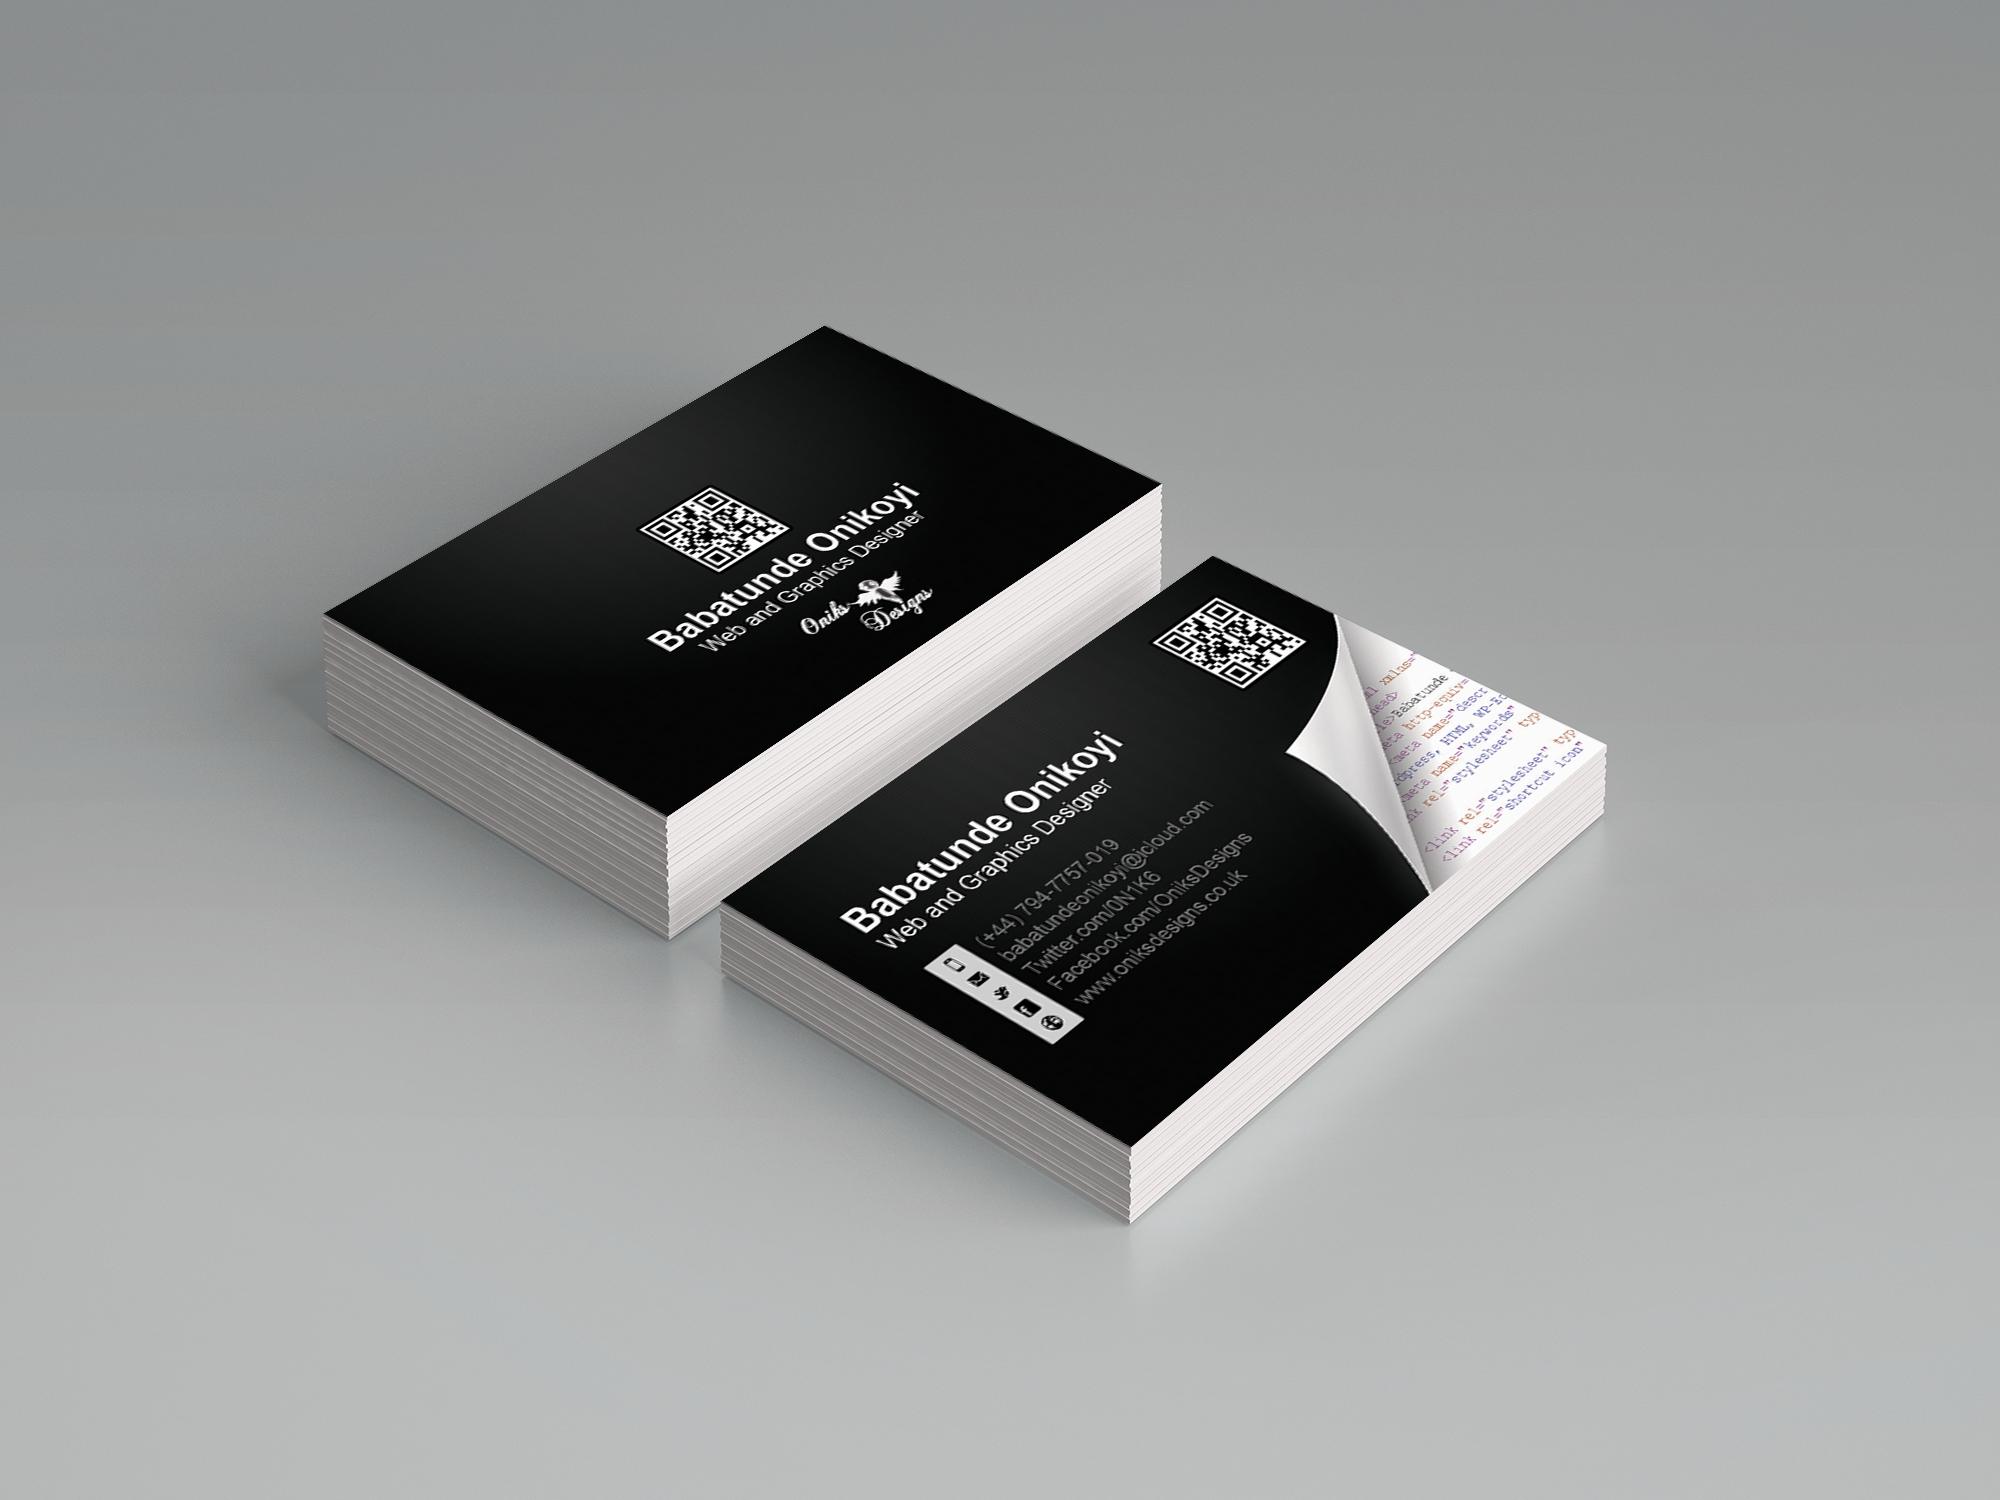 Kundenspezifische Geschäfts Karten Vorder Und Rückseite